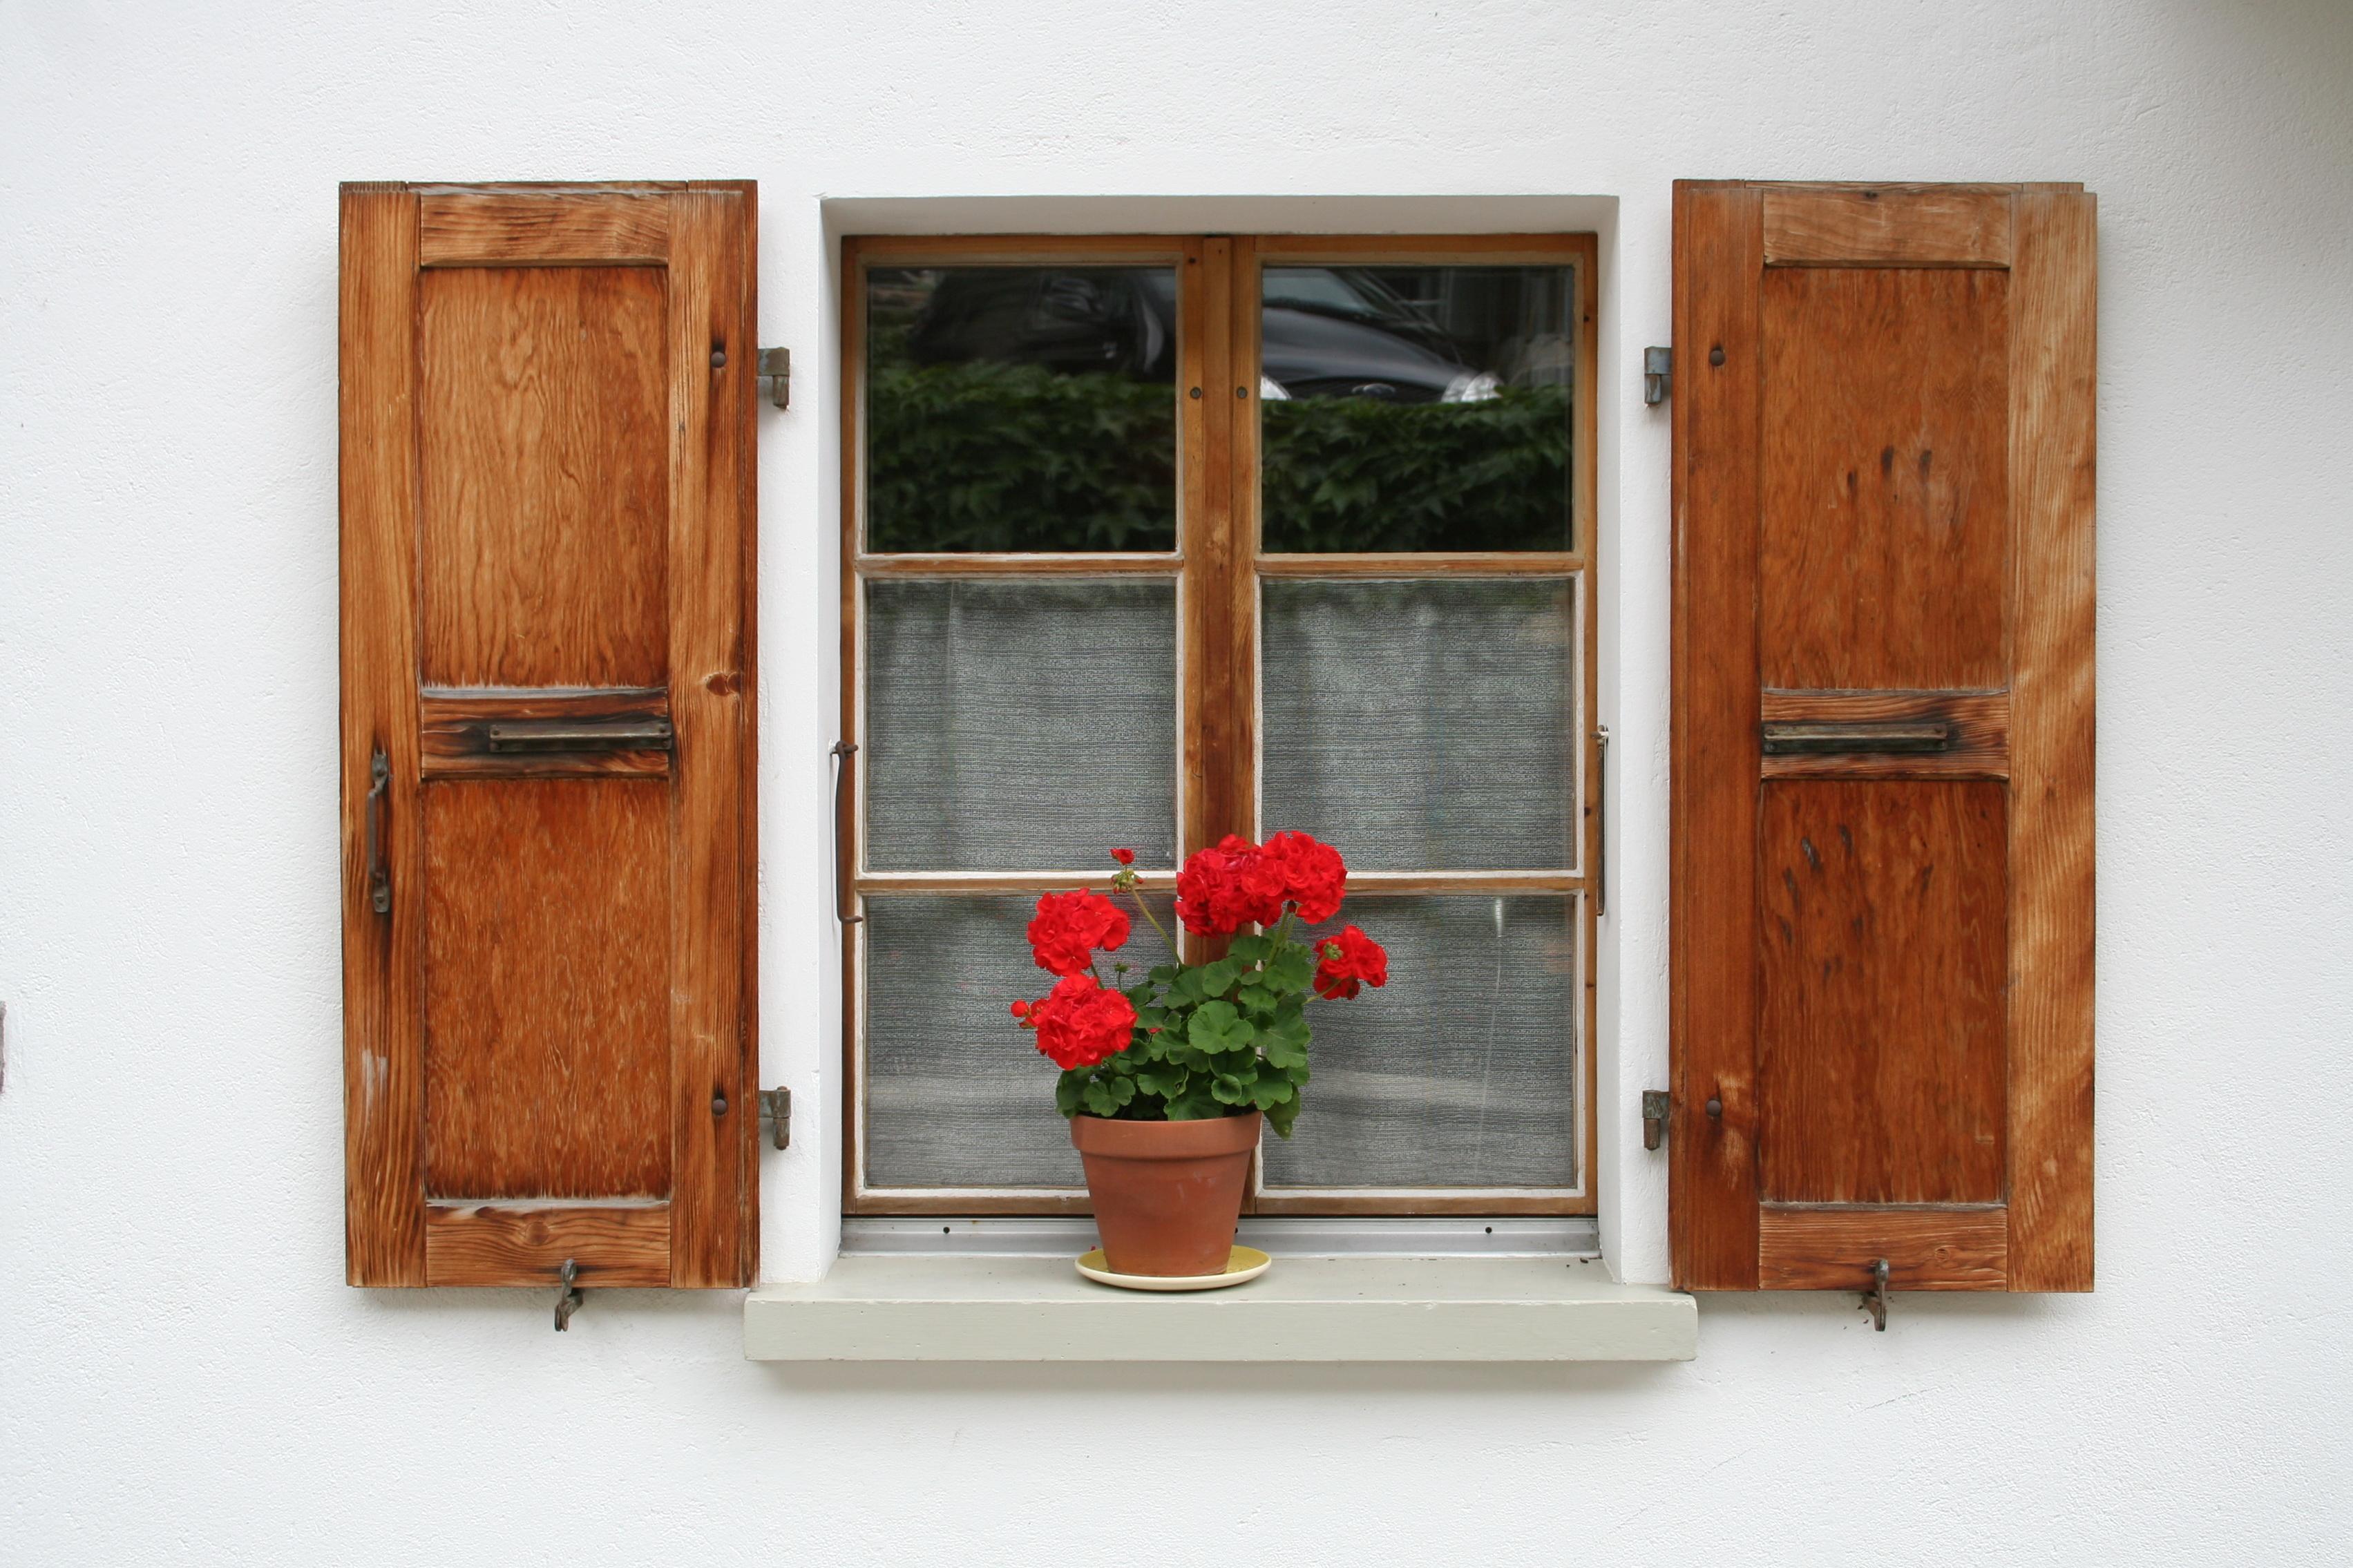 013_geraniums.jpg